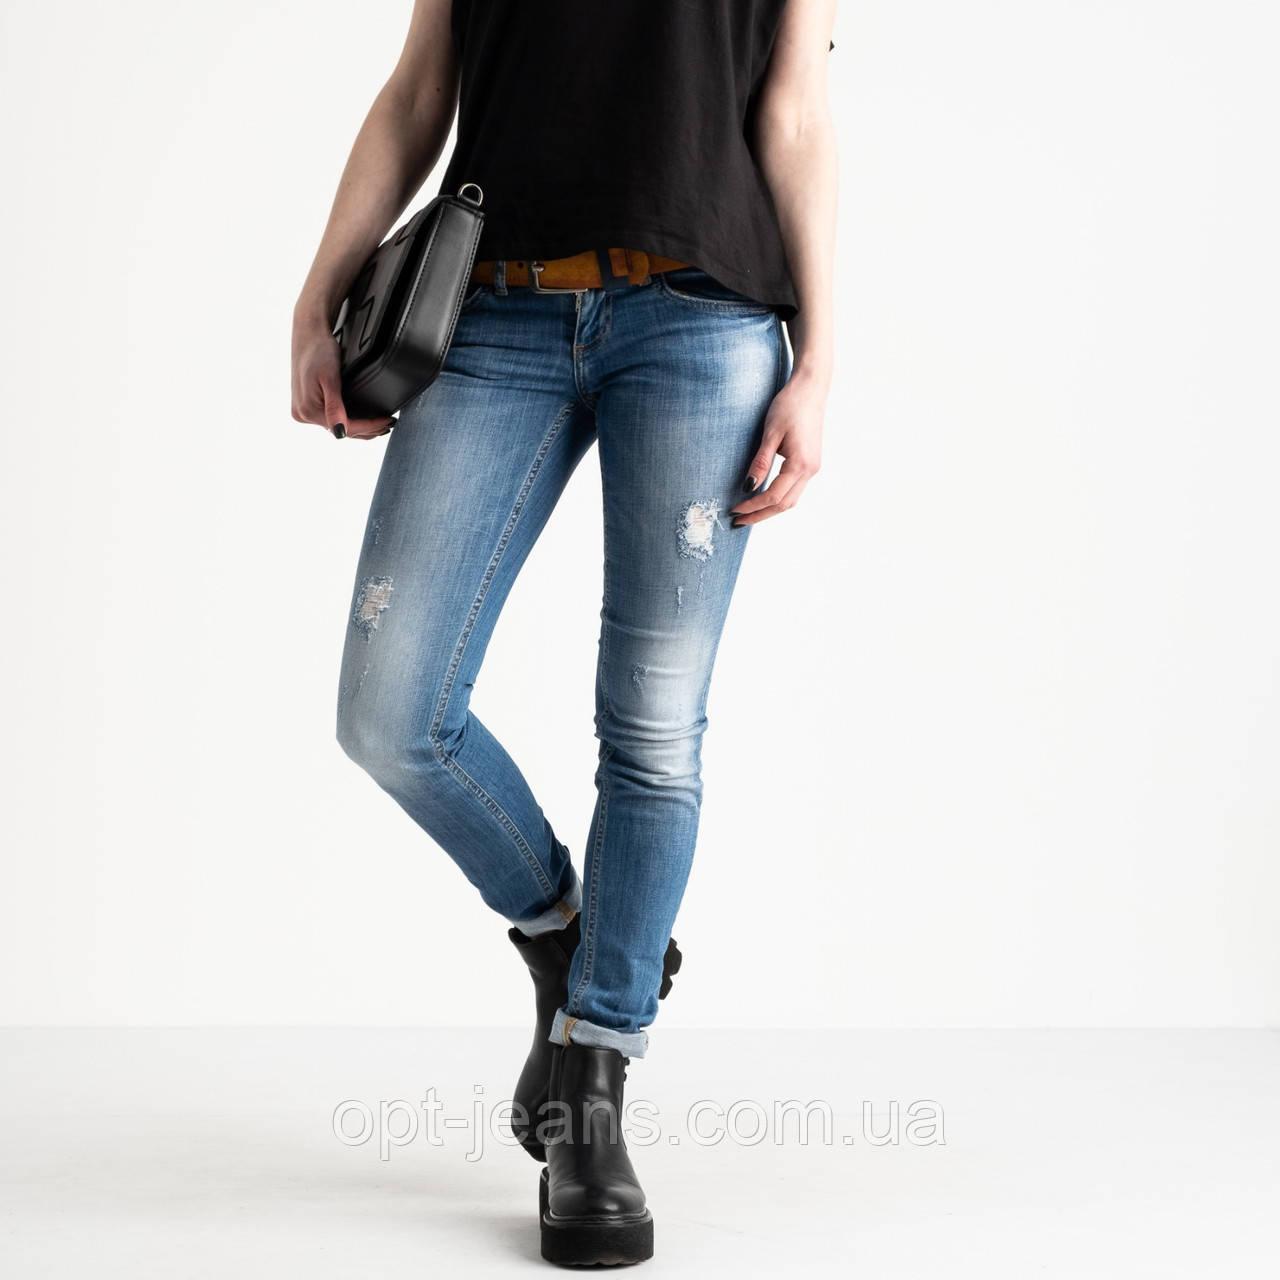 9365-581 Colibri джинси жіночі блакитні стрейчеві (6 од. розміри: 25.26.27.28.29.30)